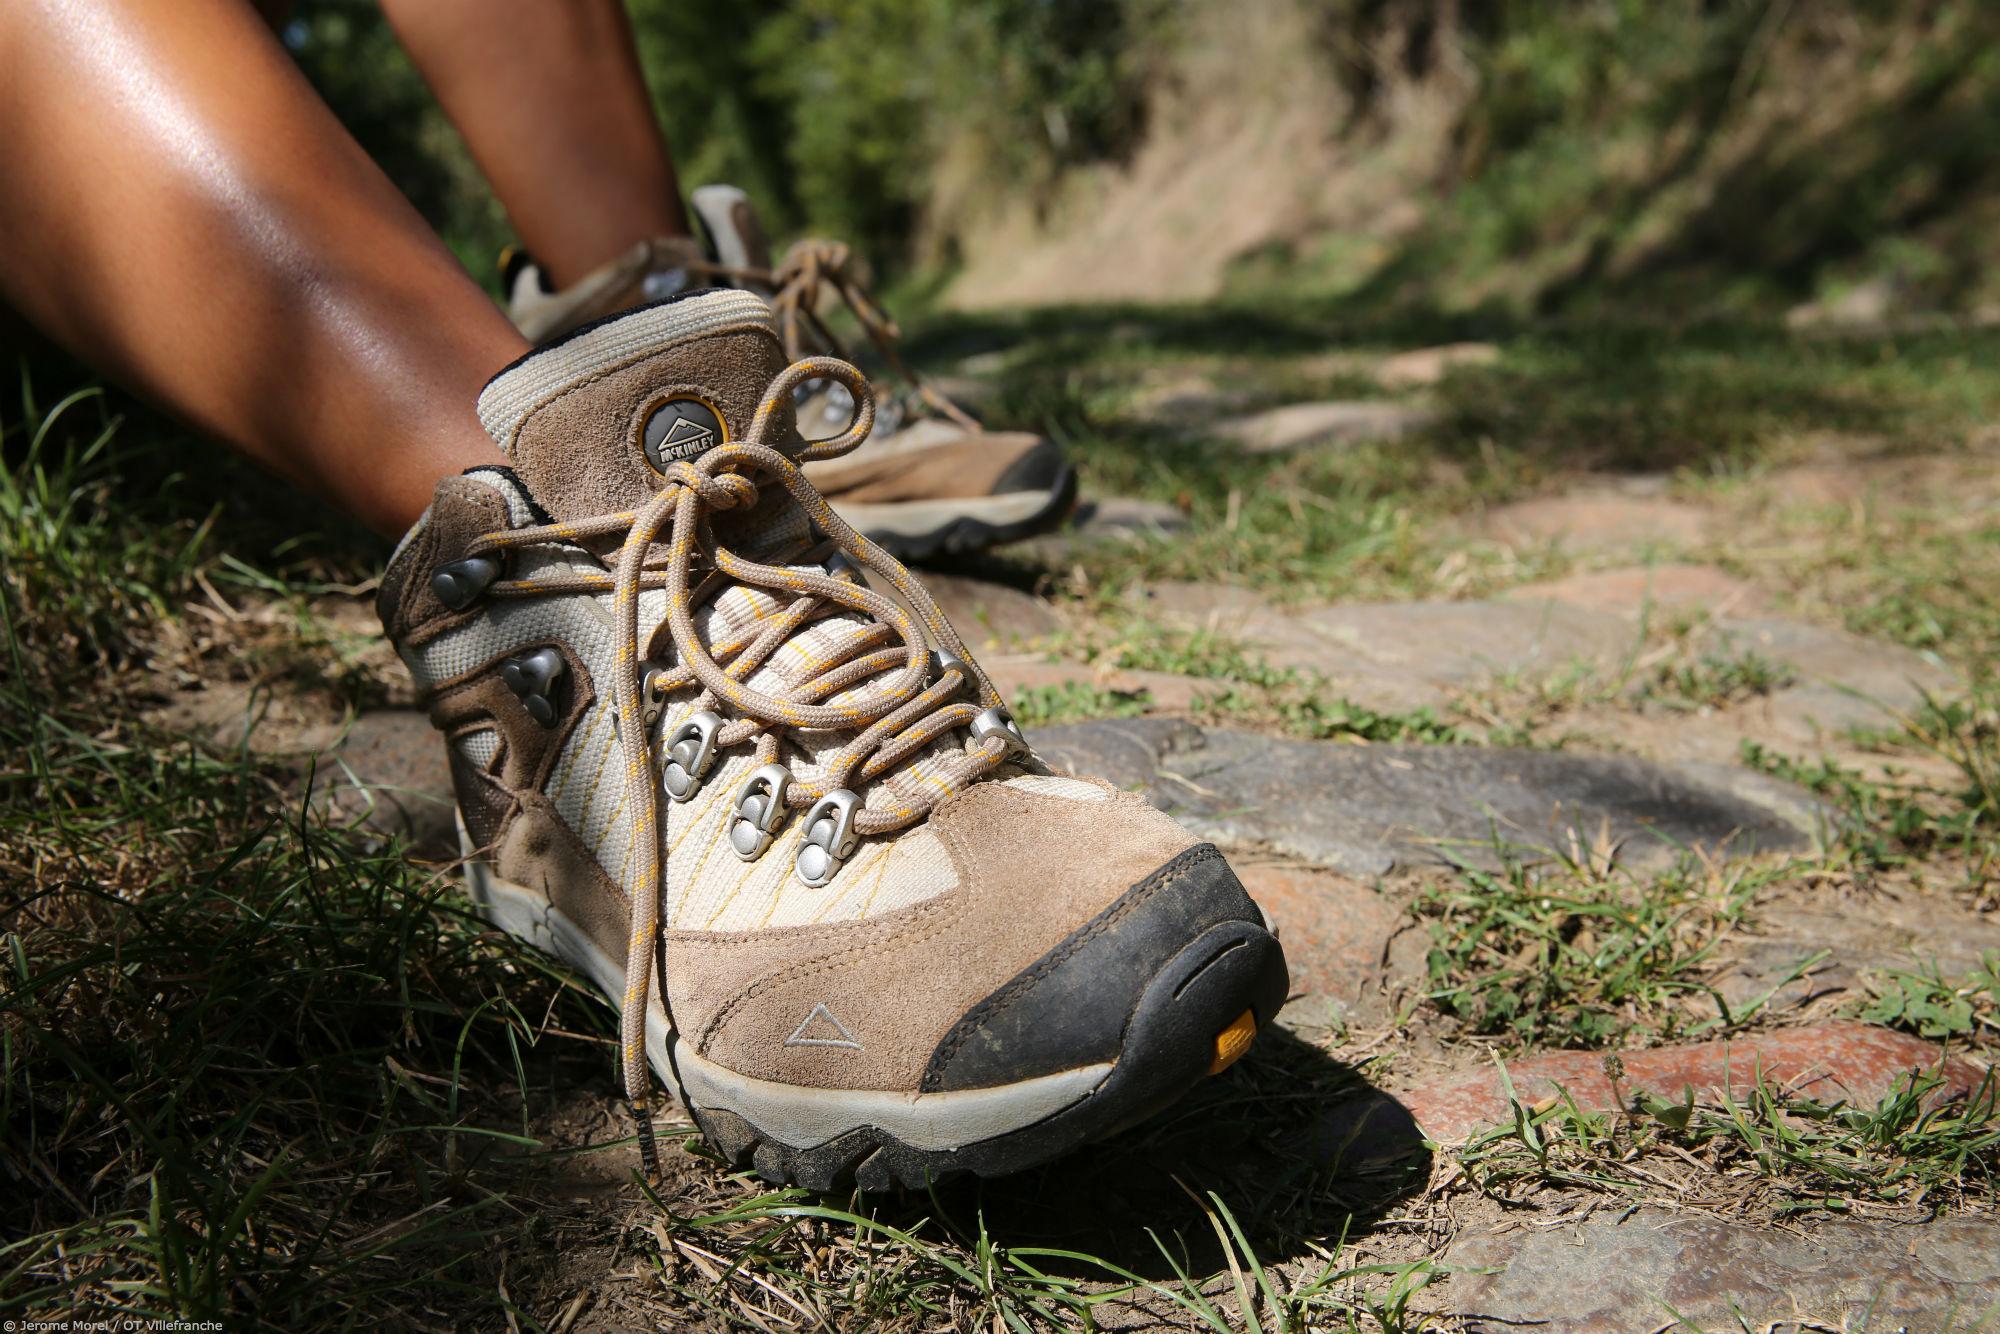 Chaussures Randonnée © Jerome Morel - OT Villefranche